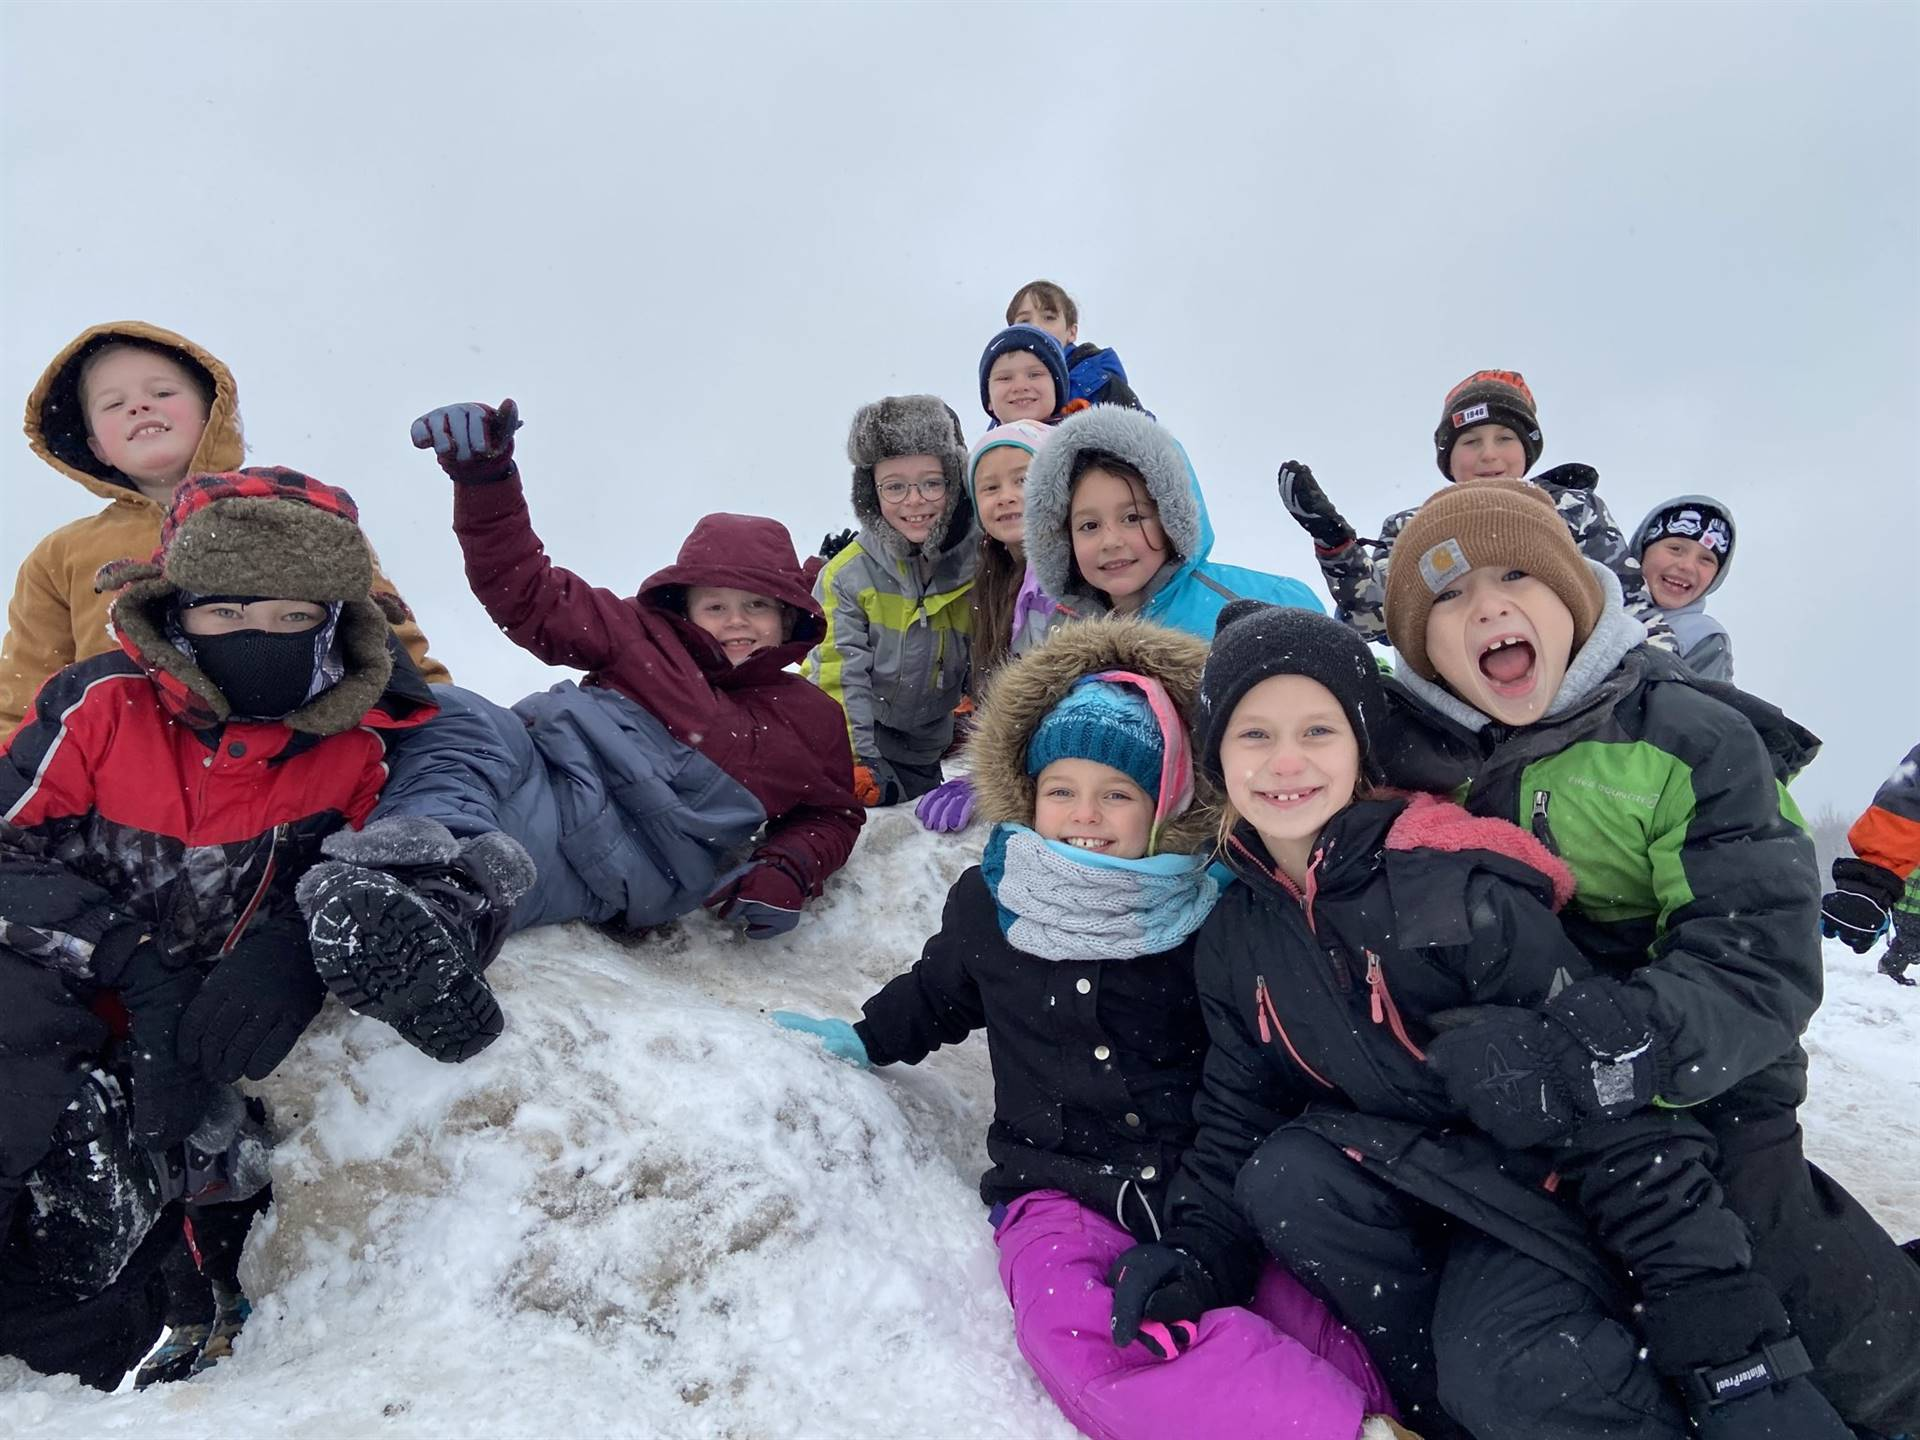 Munson Elementary Students at Recess - Jan. 2020